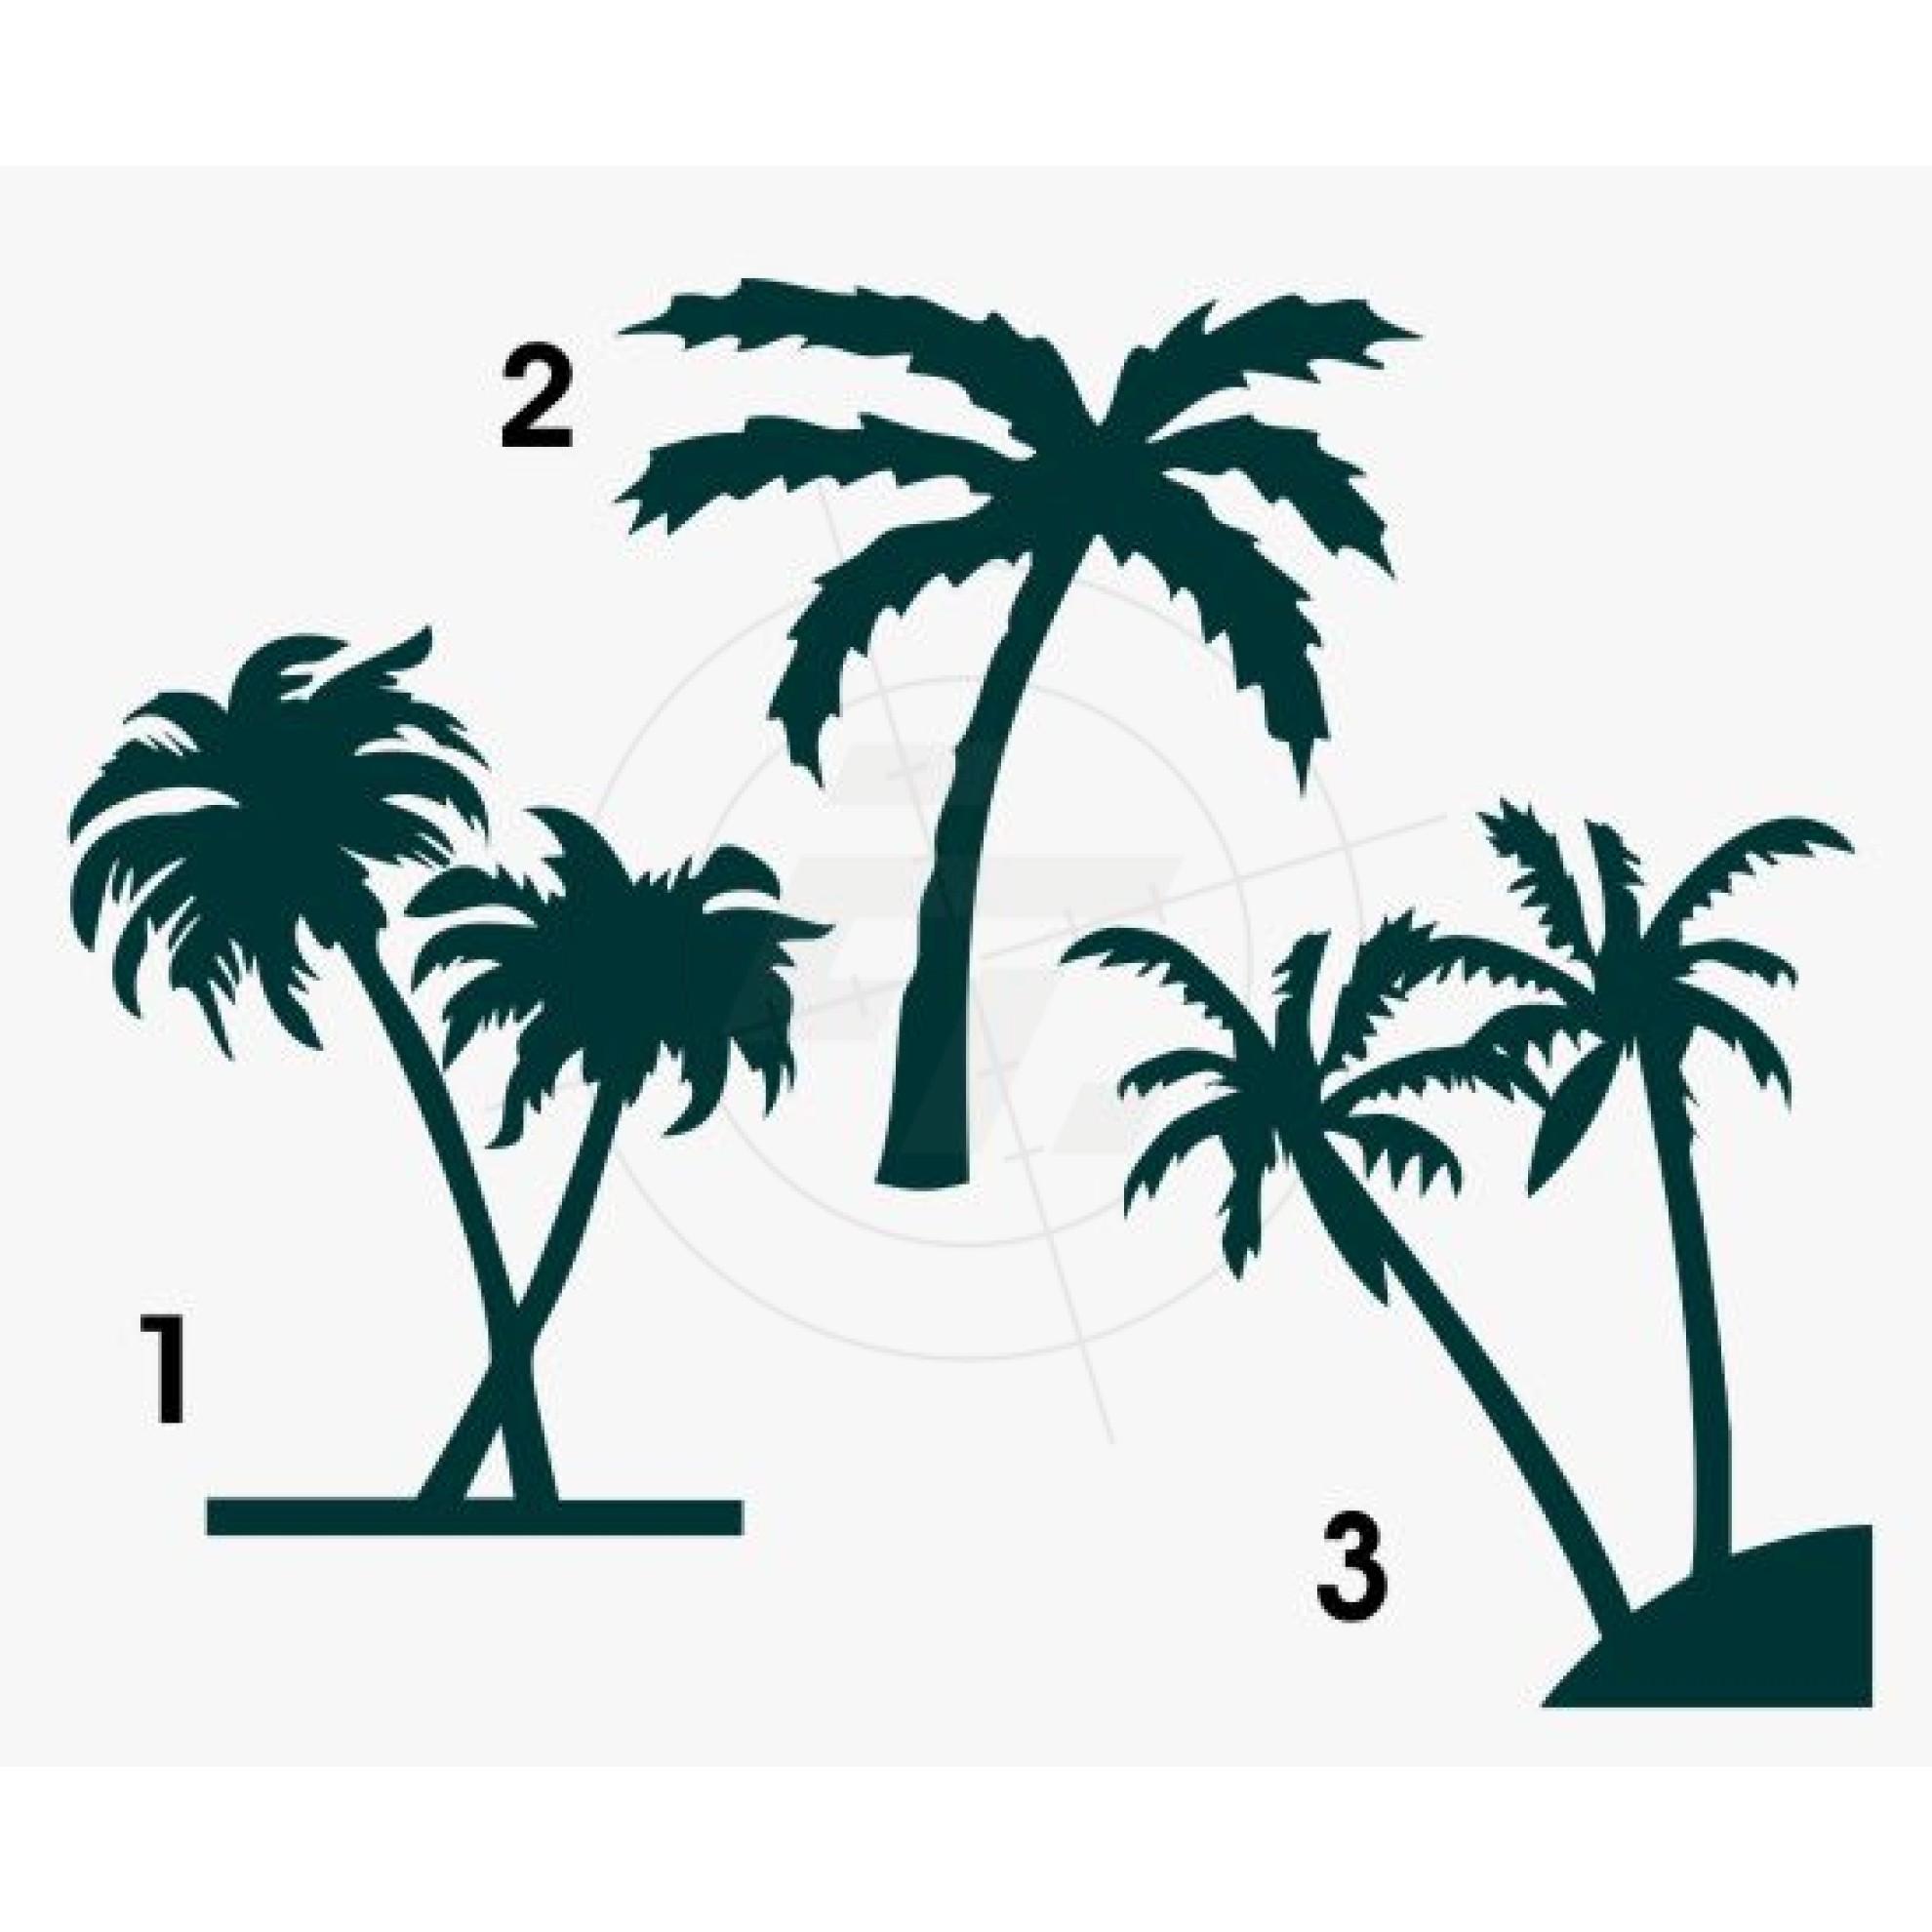 aufkleber palmen einzelne palme mehrere palmen. Black Bedroom Furniture Sets. Home Design Ideas